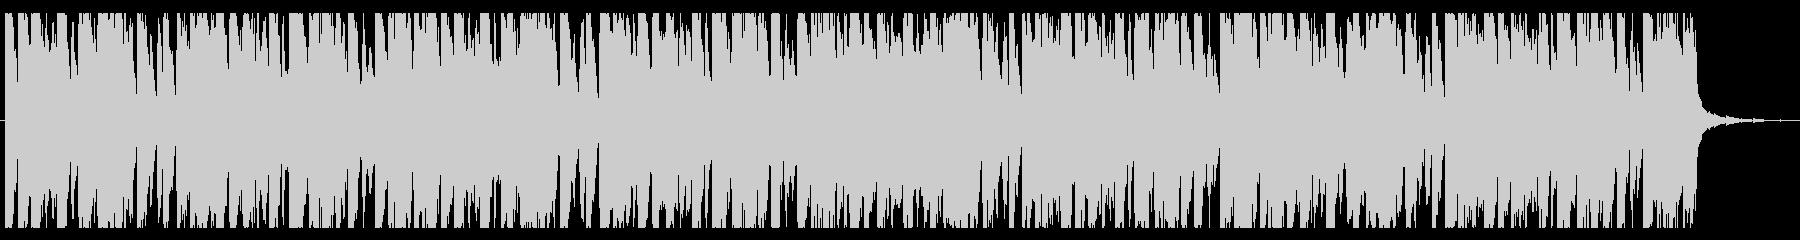 シンプル/ハウス3_No405_5の未再生の波形